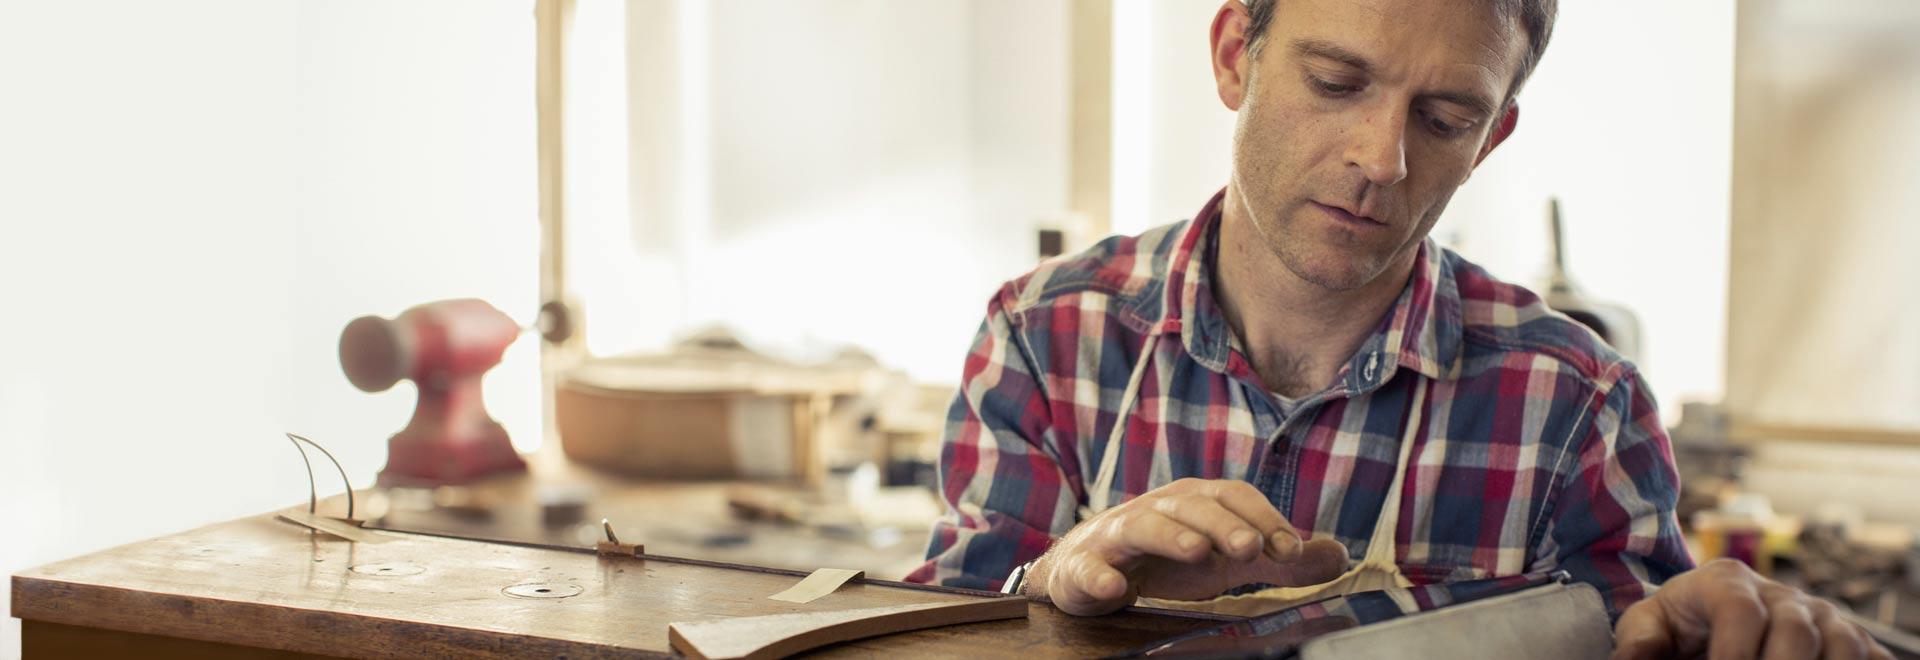 Un hombre en un lugar de trabajo usando Office 365 Empresa en una tableta